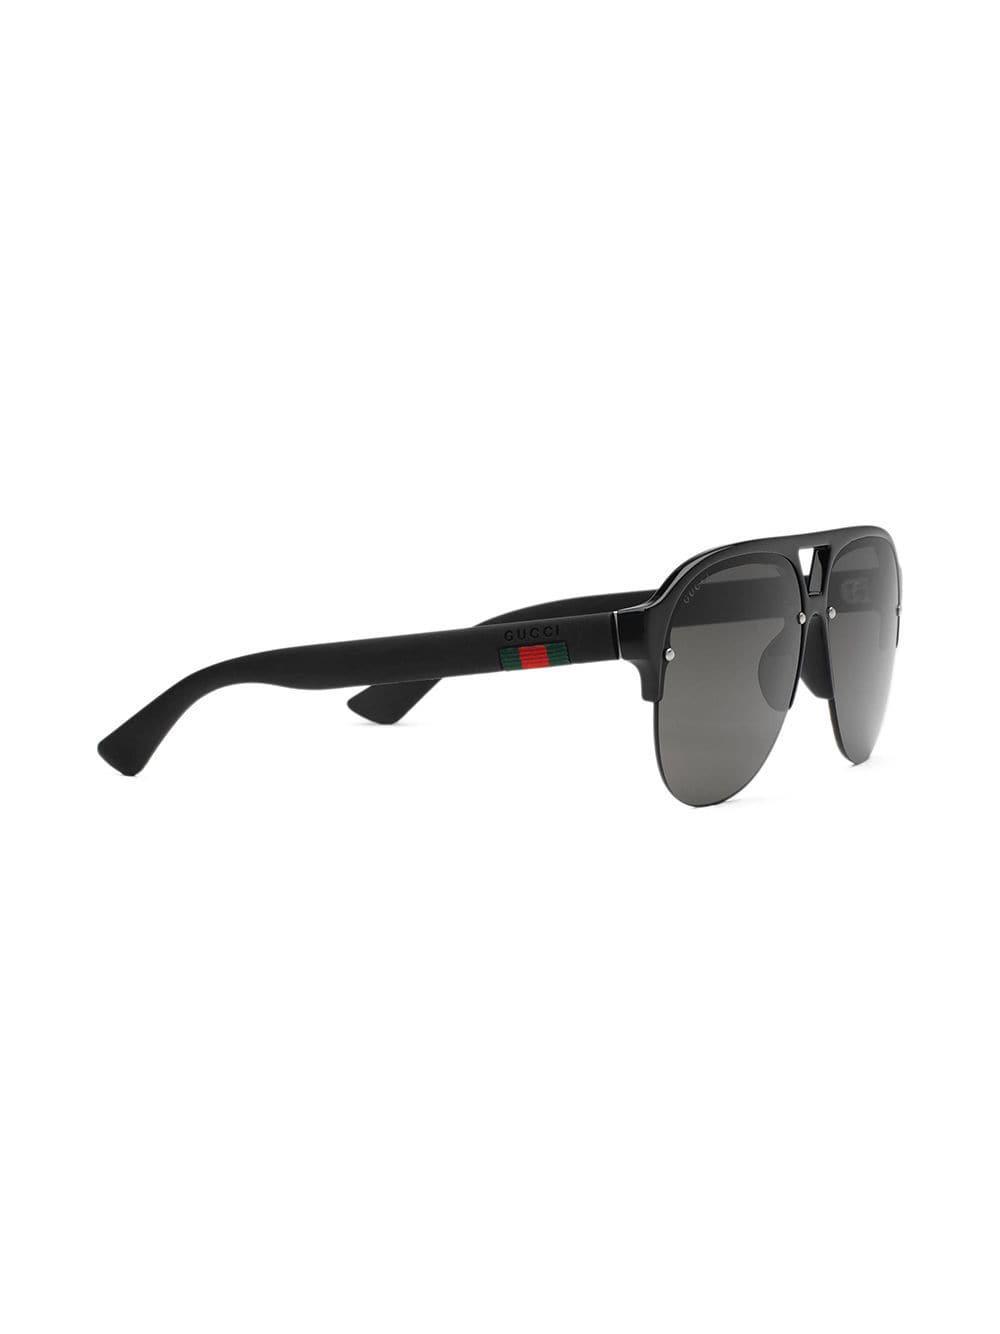 Gucci - Black Lunettes de soleil aviateur en caoutchouc for Men - Lyst.  Afficher en plein écran 55dde074b958